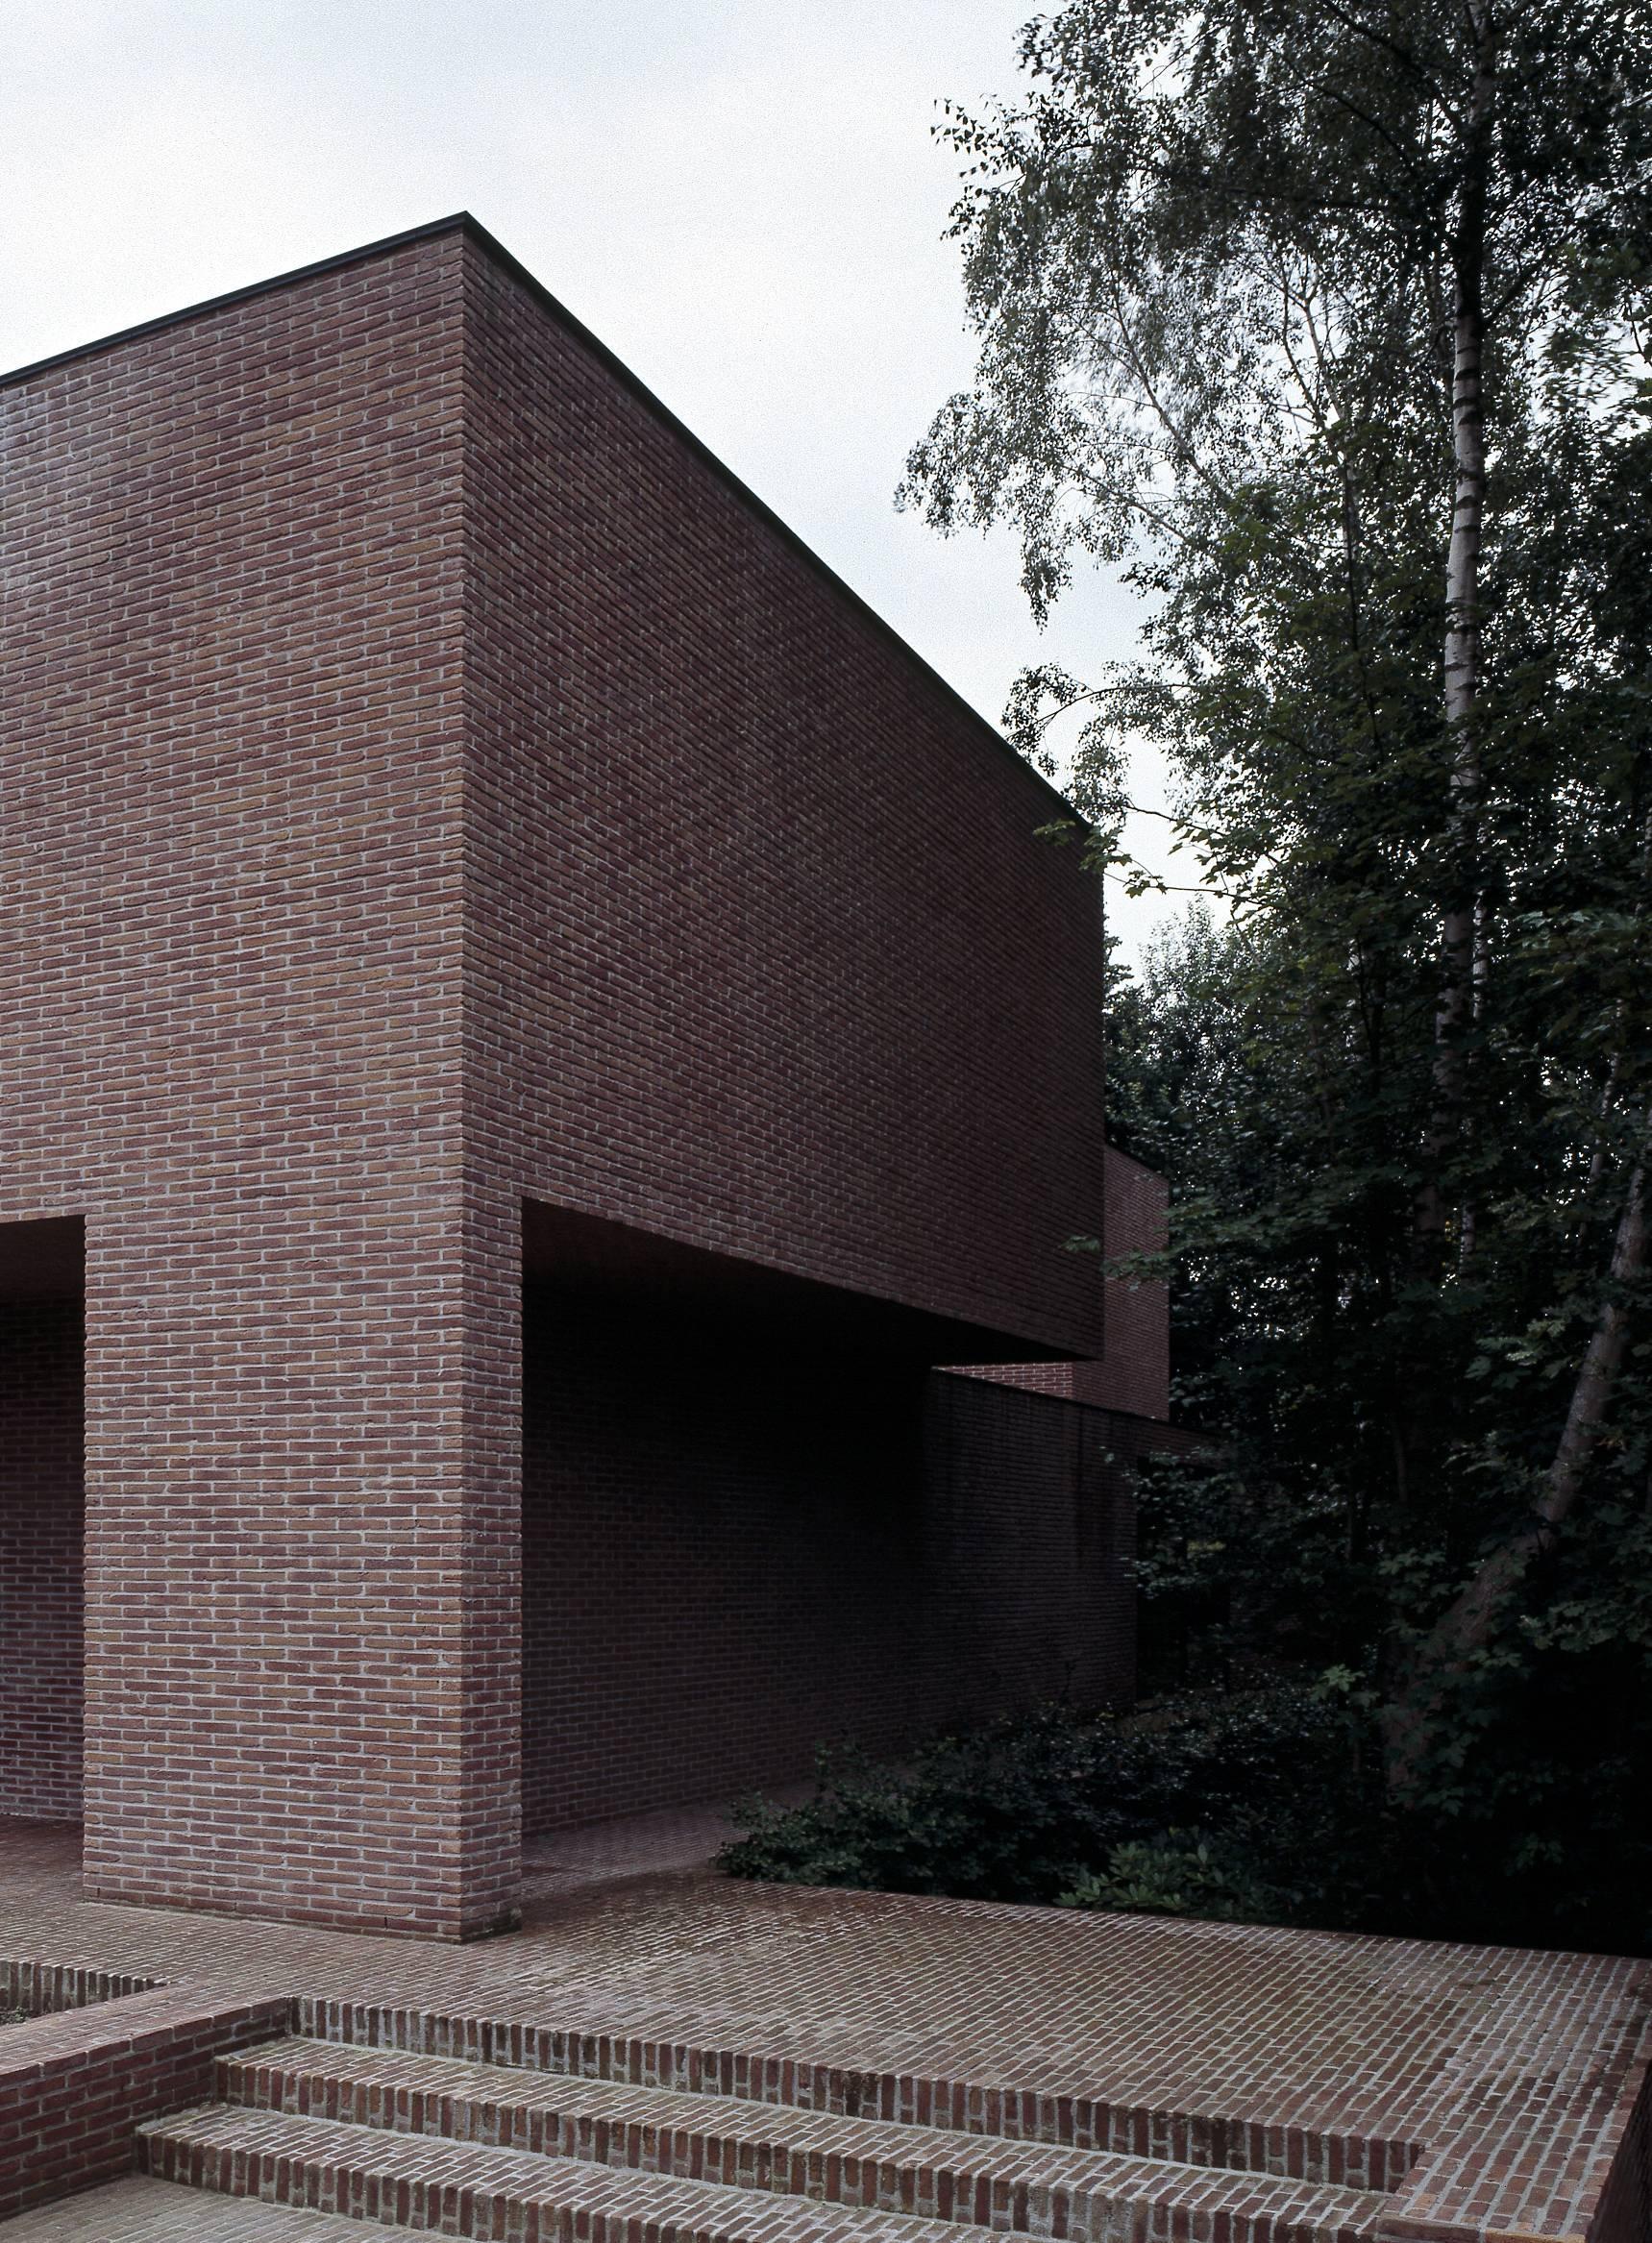 VVDA_VDV Residence_Alberto Piovano_1